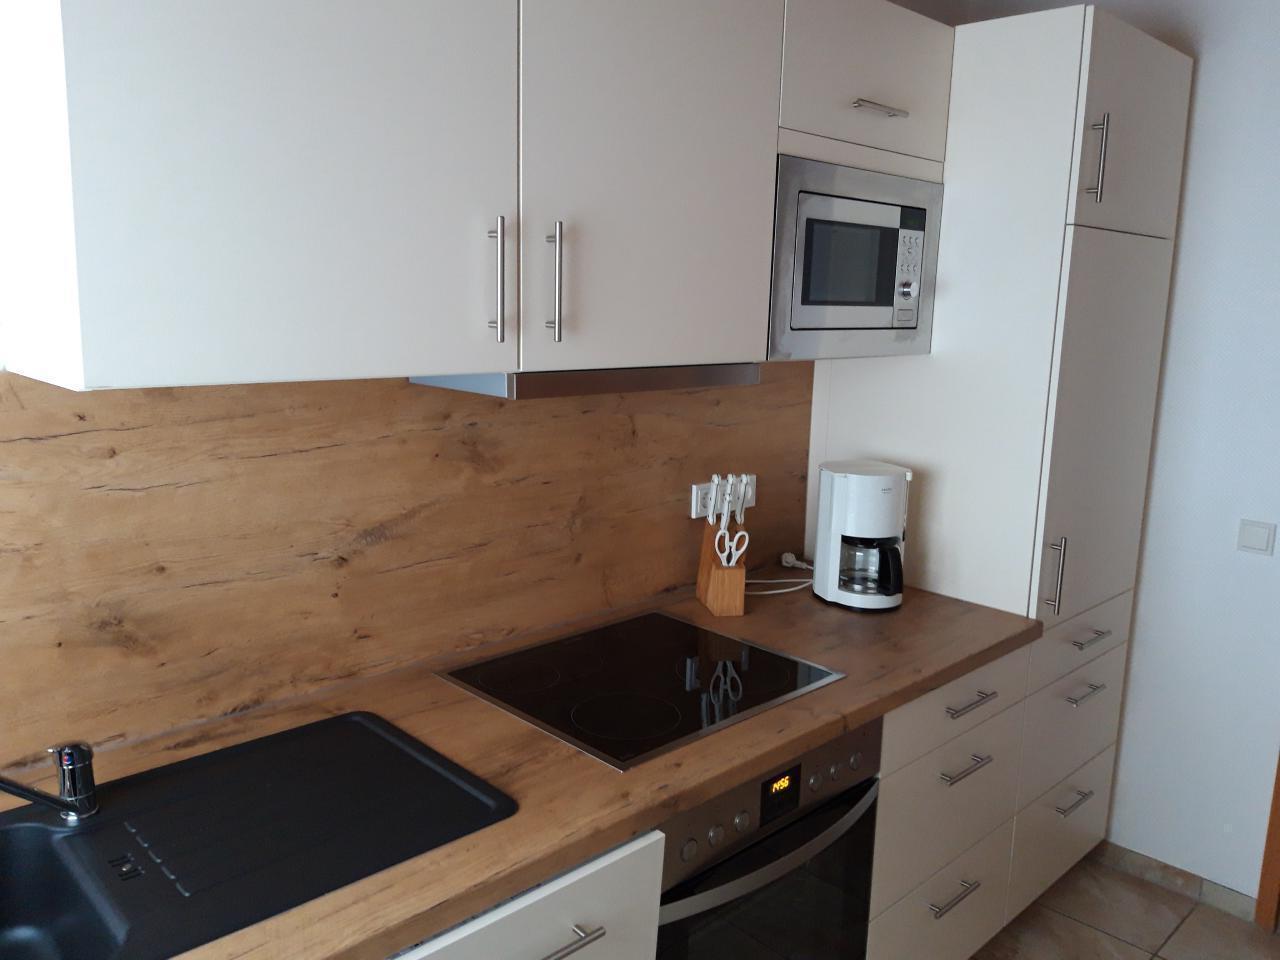 Ferienhaus / Bungalow 15 neu renoviert für 4-6 Personen in der Rhön Residence Bungalows (757460), Dipperz, Rhön (Hessen), Hessen, Deutschland, Bild 14